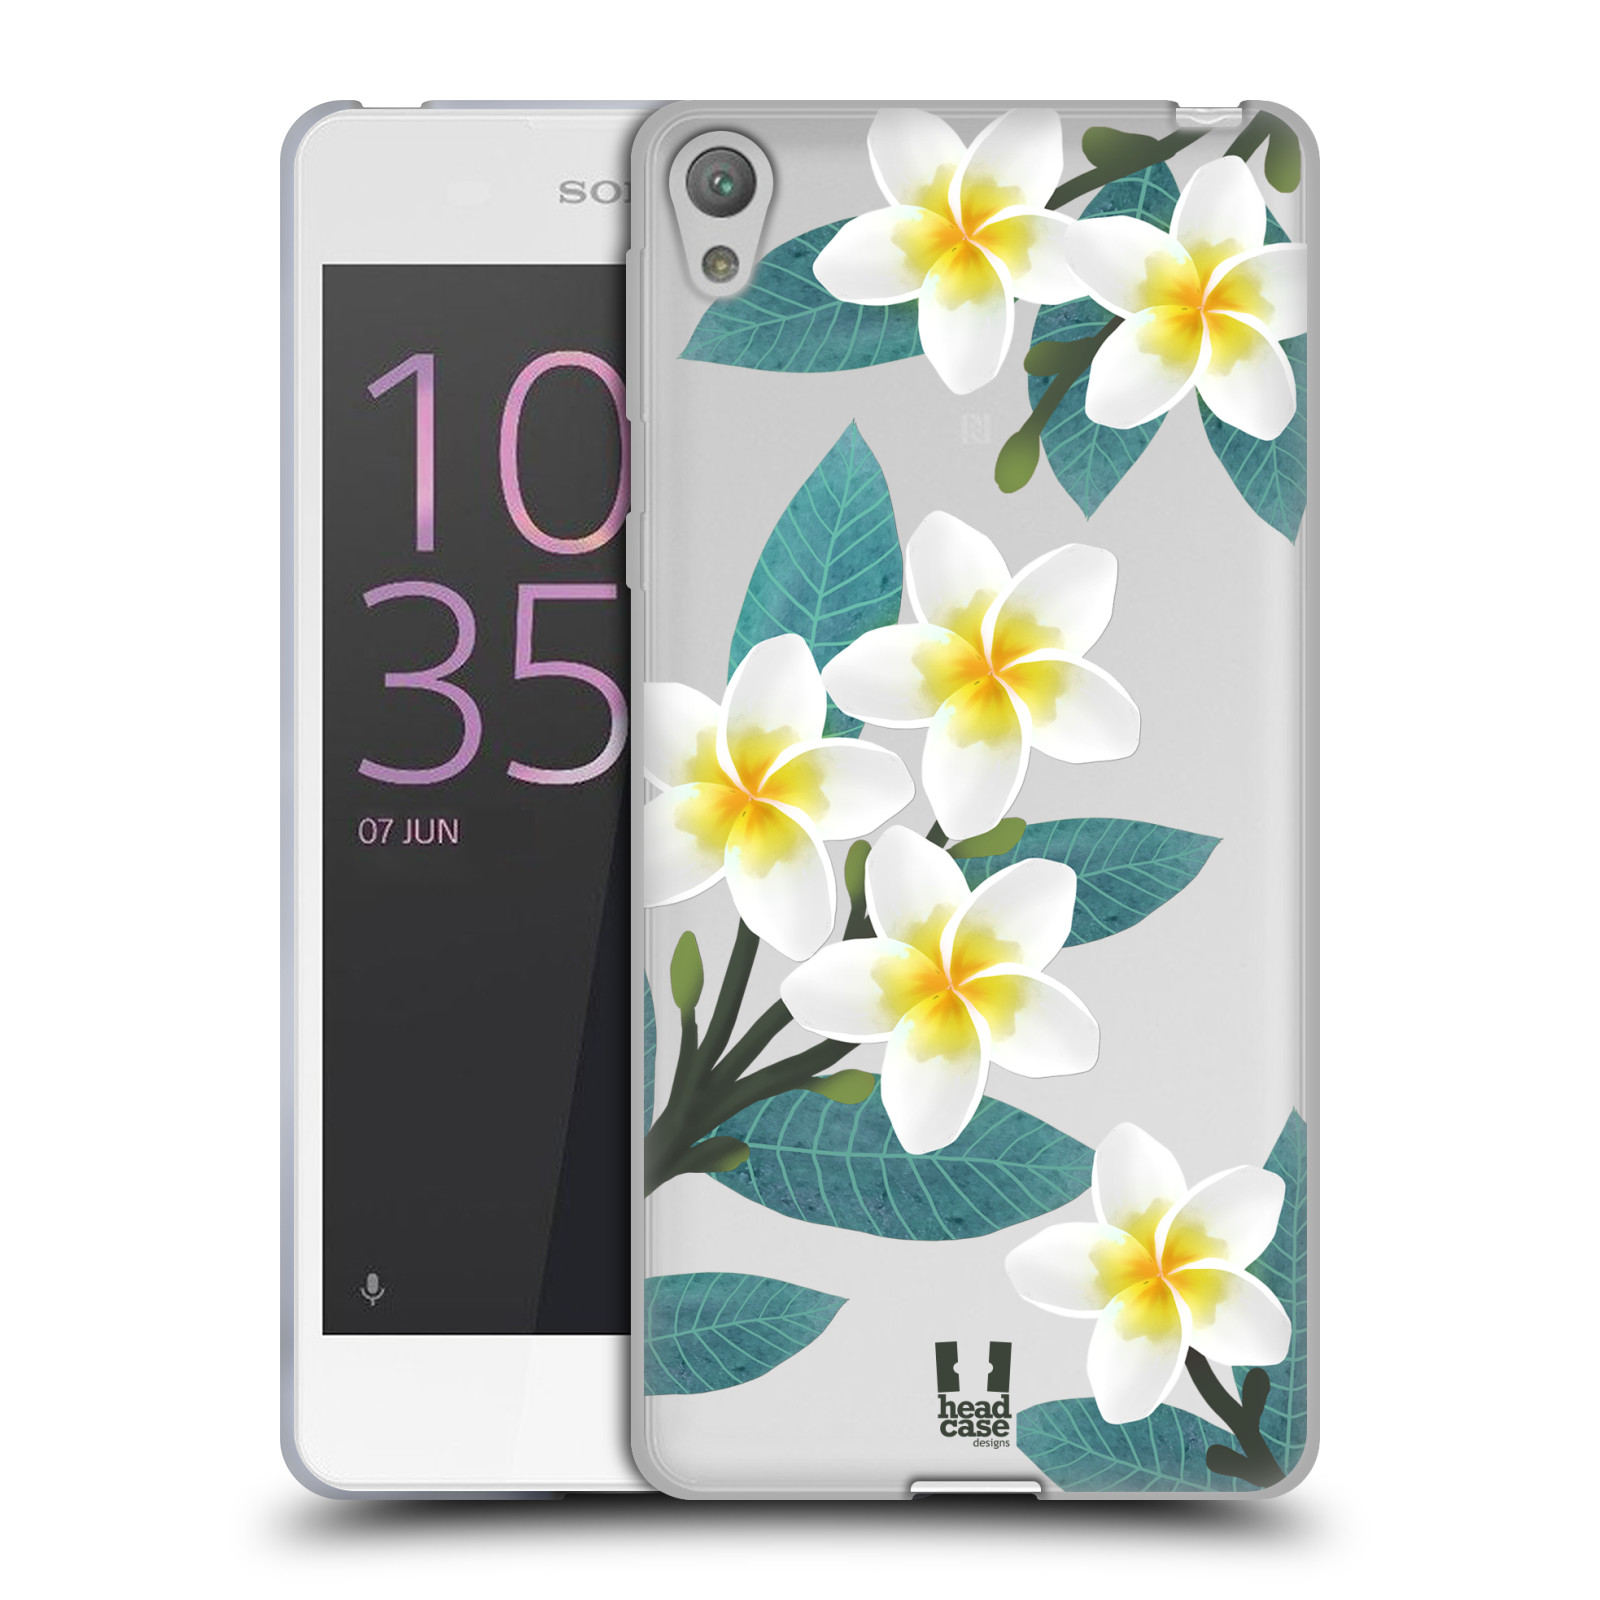 HEAD CASE silikonový obal na mobil Sony Xperia E5 květinové vzory Plumérie